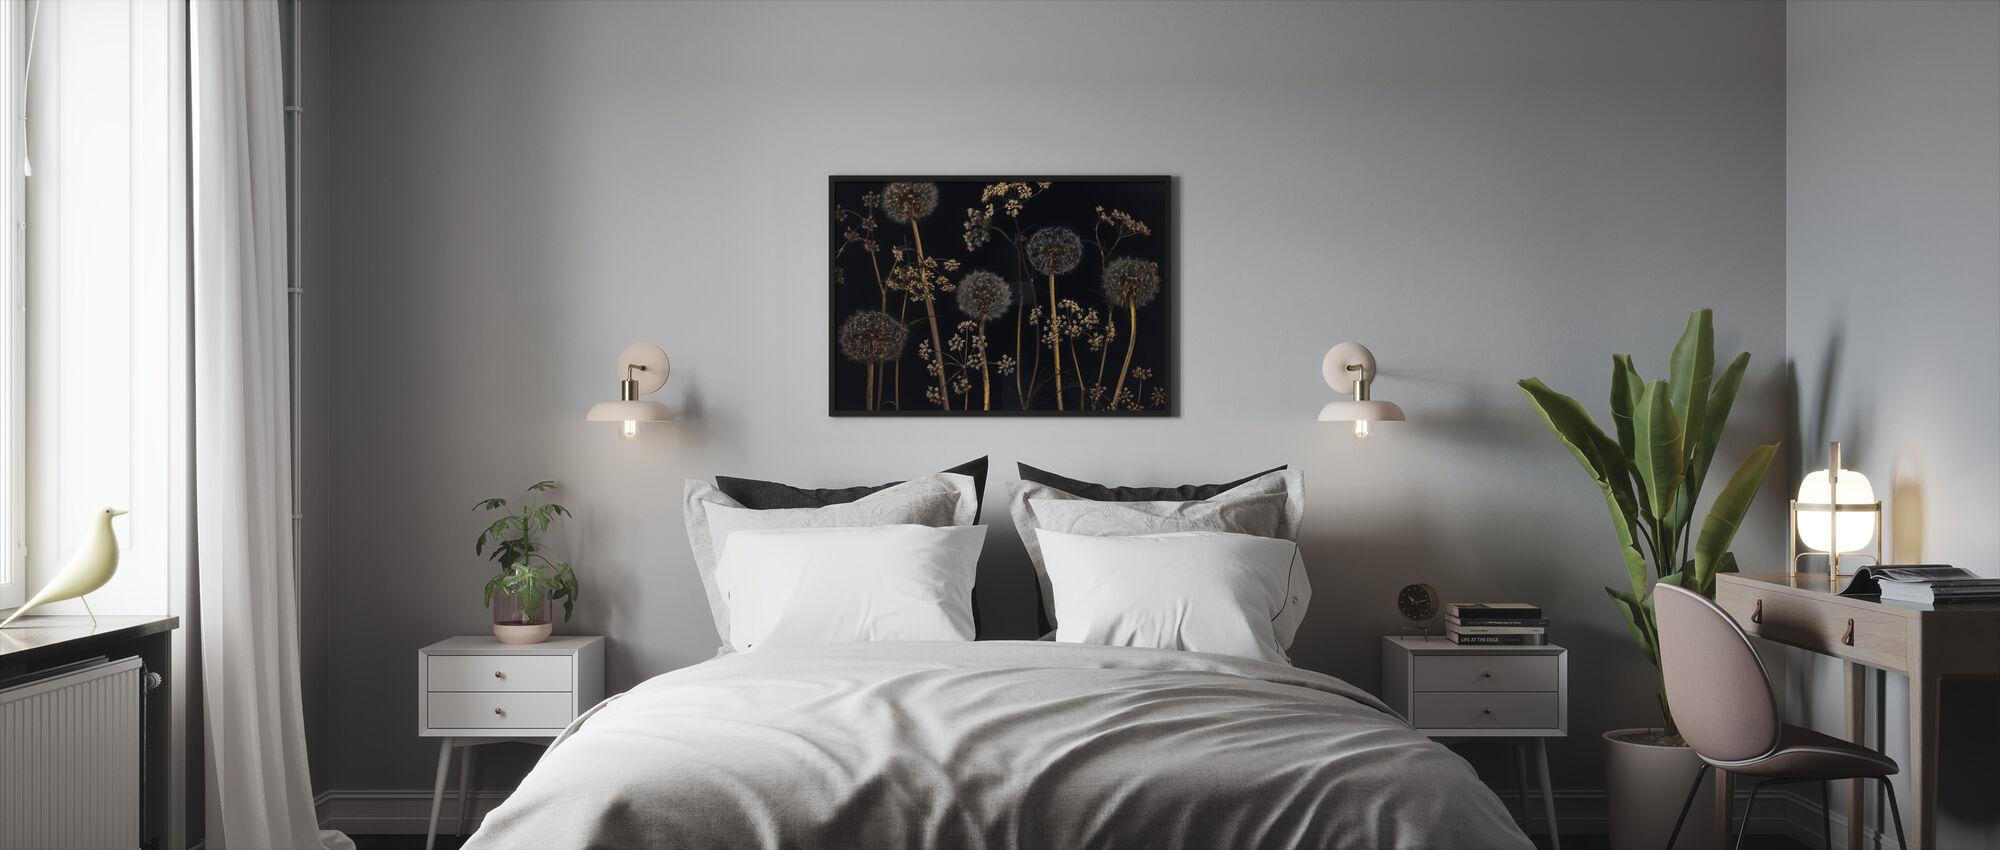 Weide Bloemen - Zwart - Ingelijste print - Slaapkamer